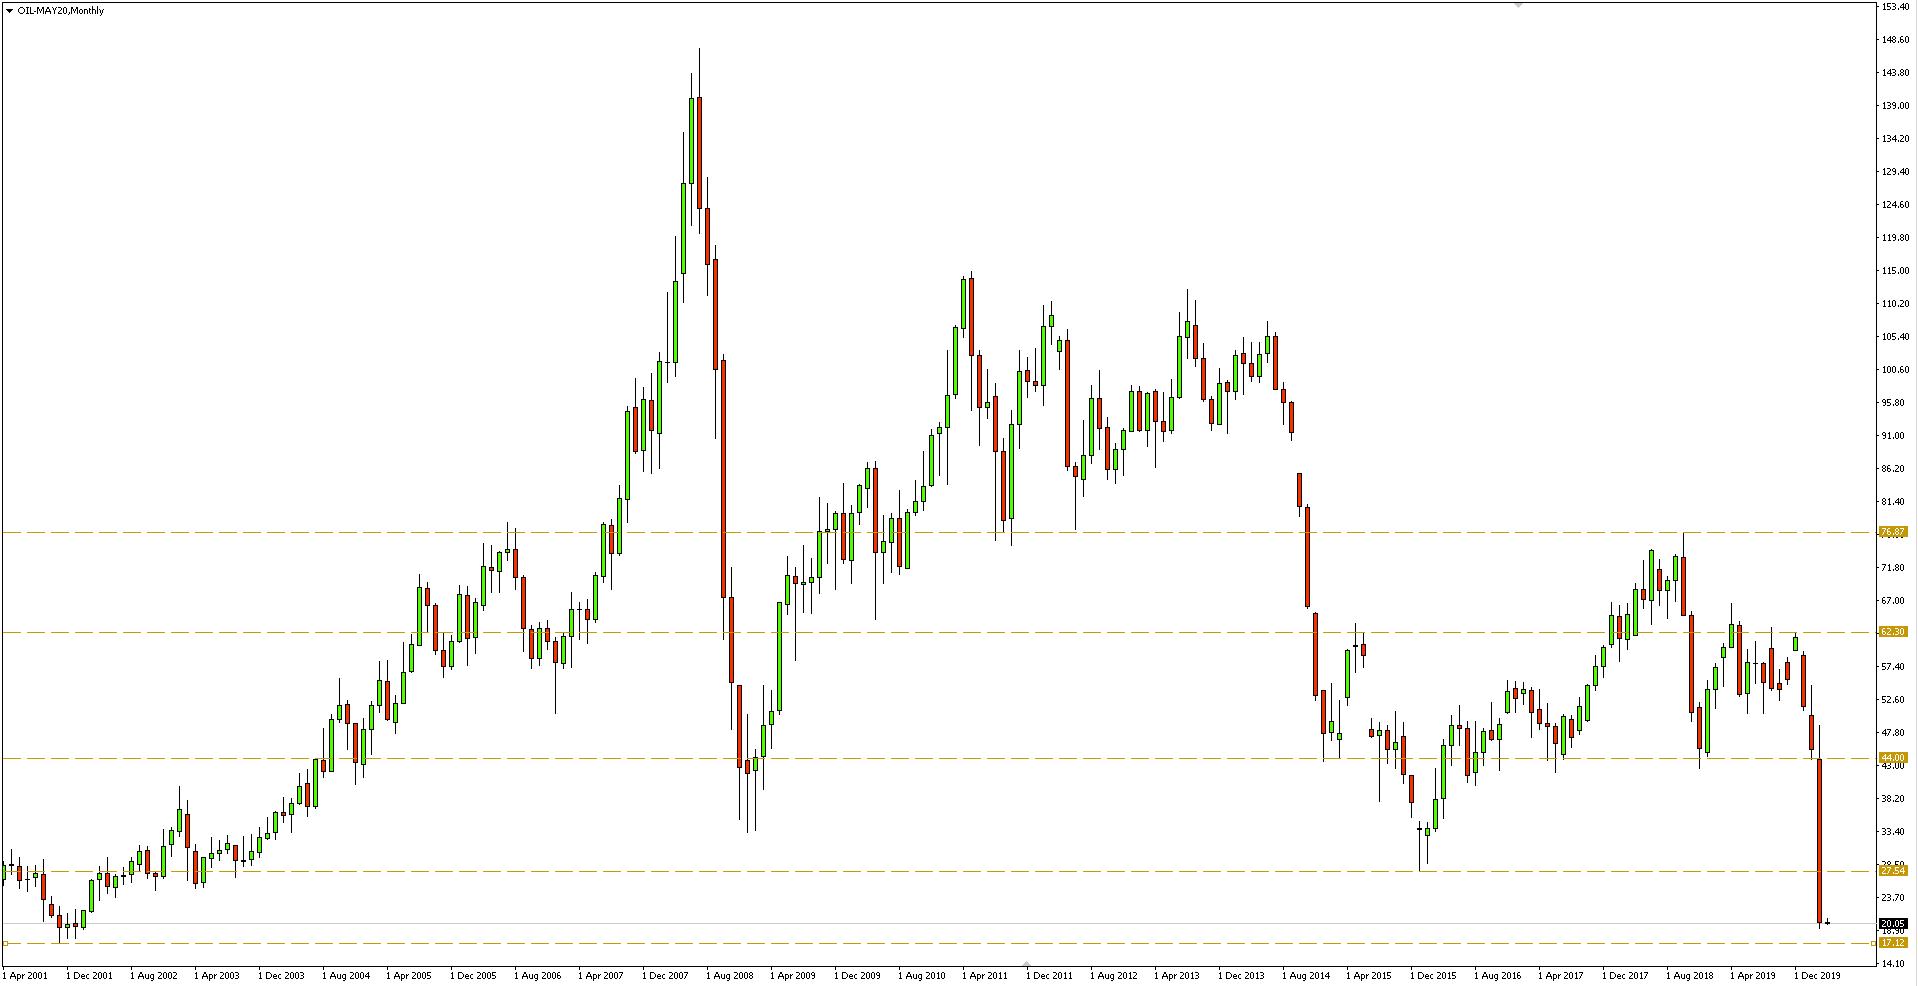 Wykres miesięczny ropy naftowej